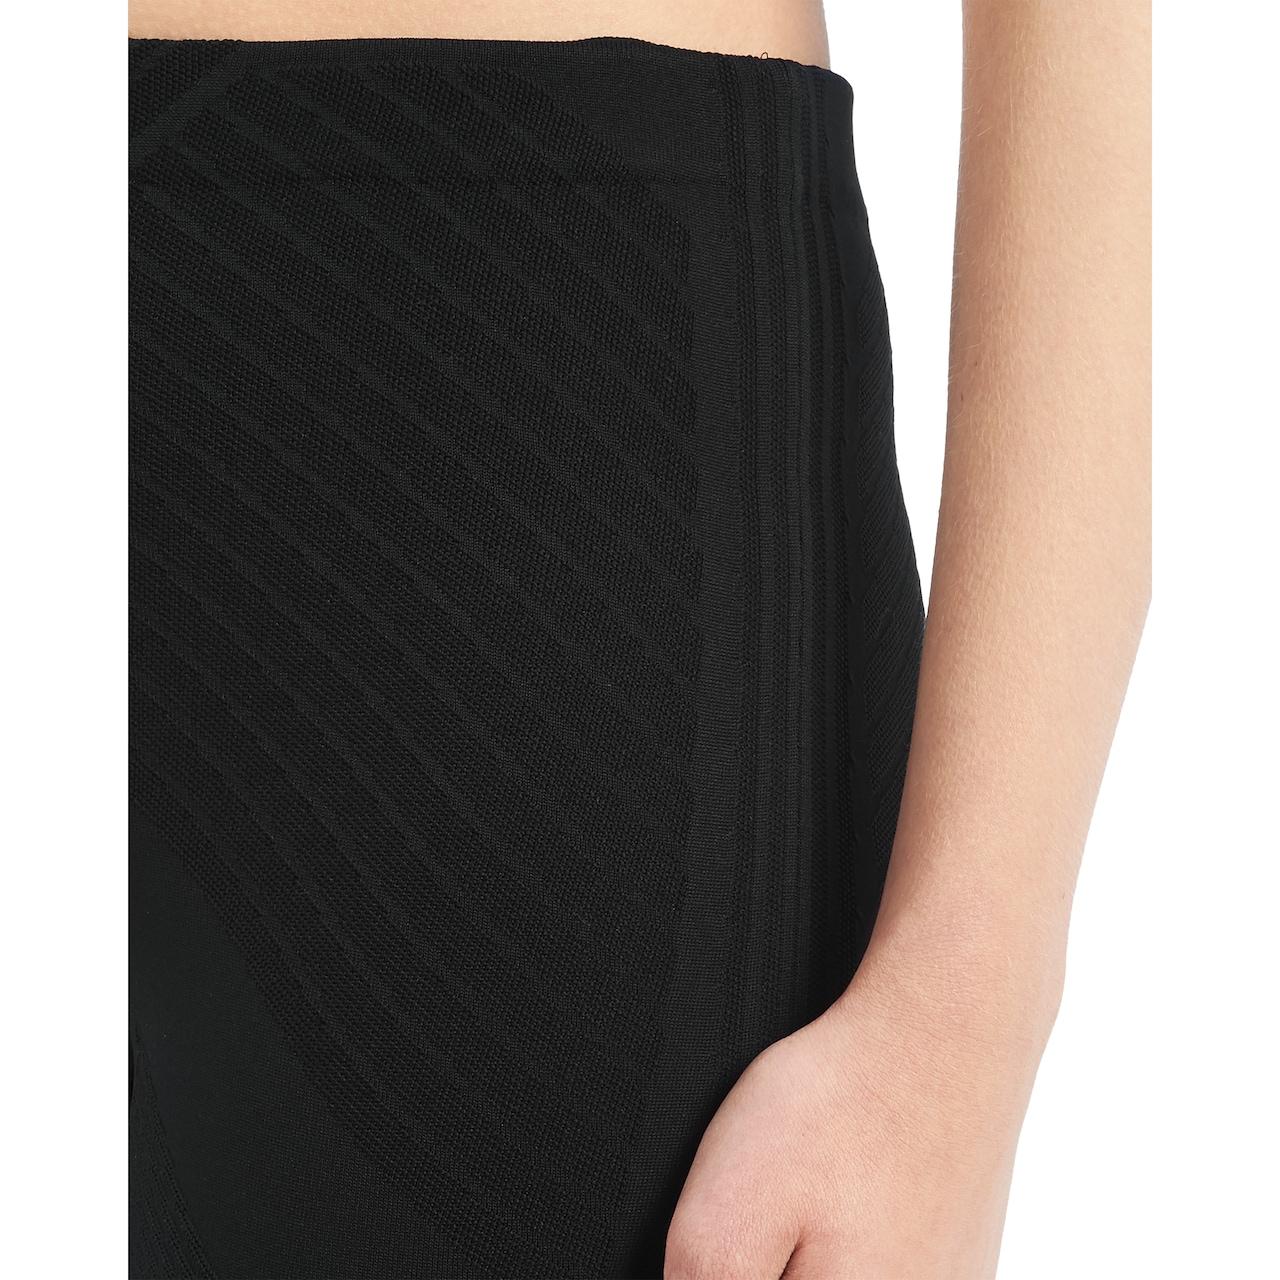 Prada Technical nylon leggings 5